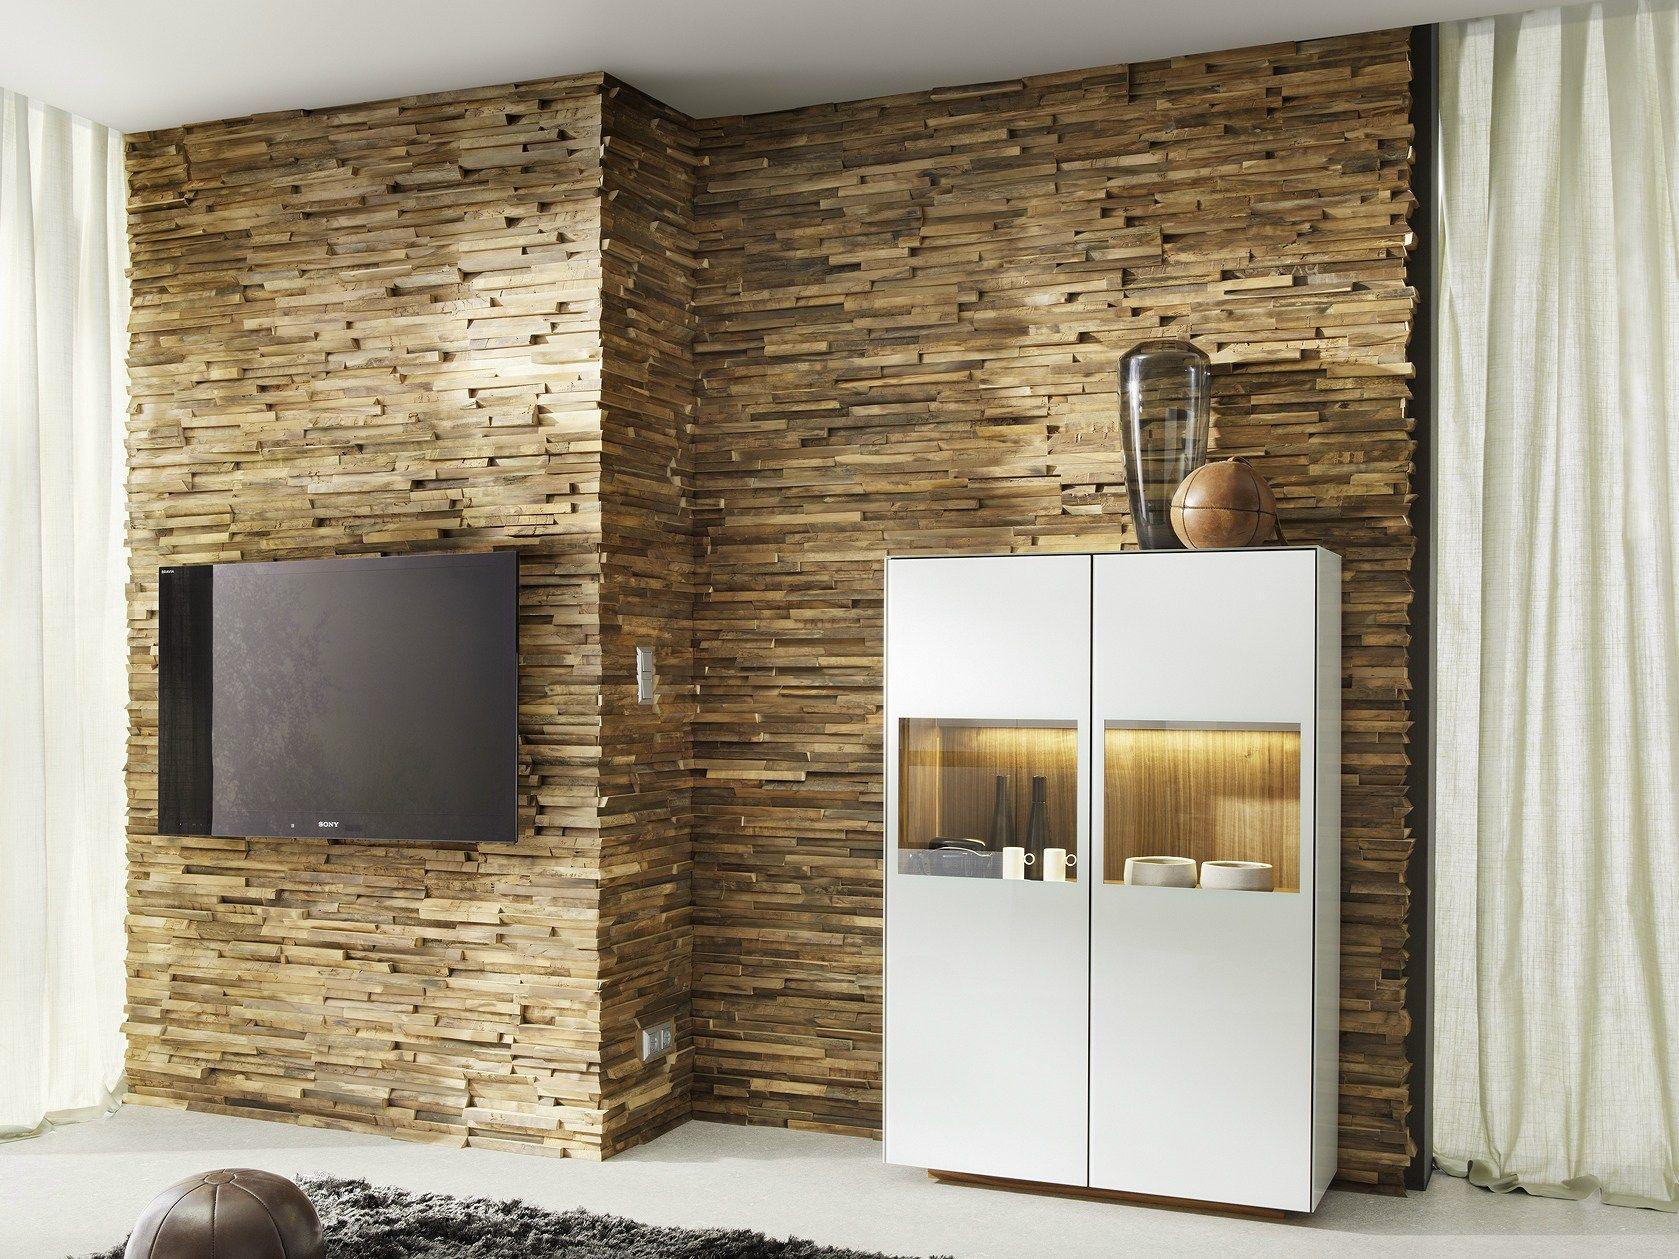 Revestimiento de pared 3d de madera maciza para interiores - Revestimiento madera paredes ...